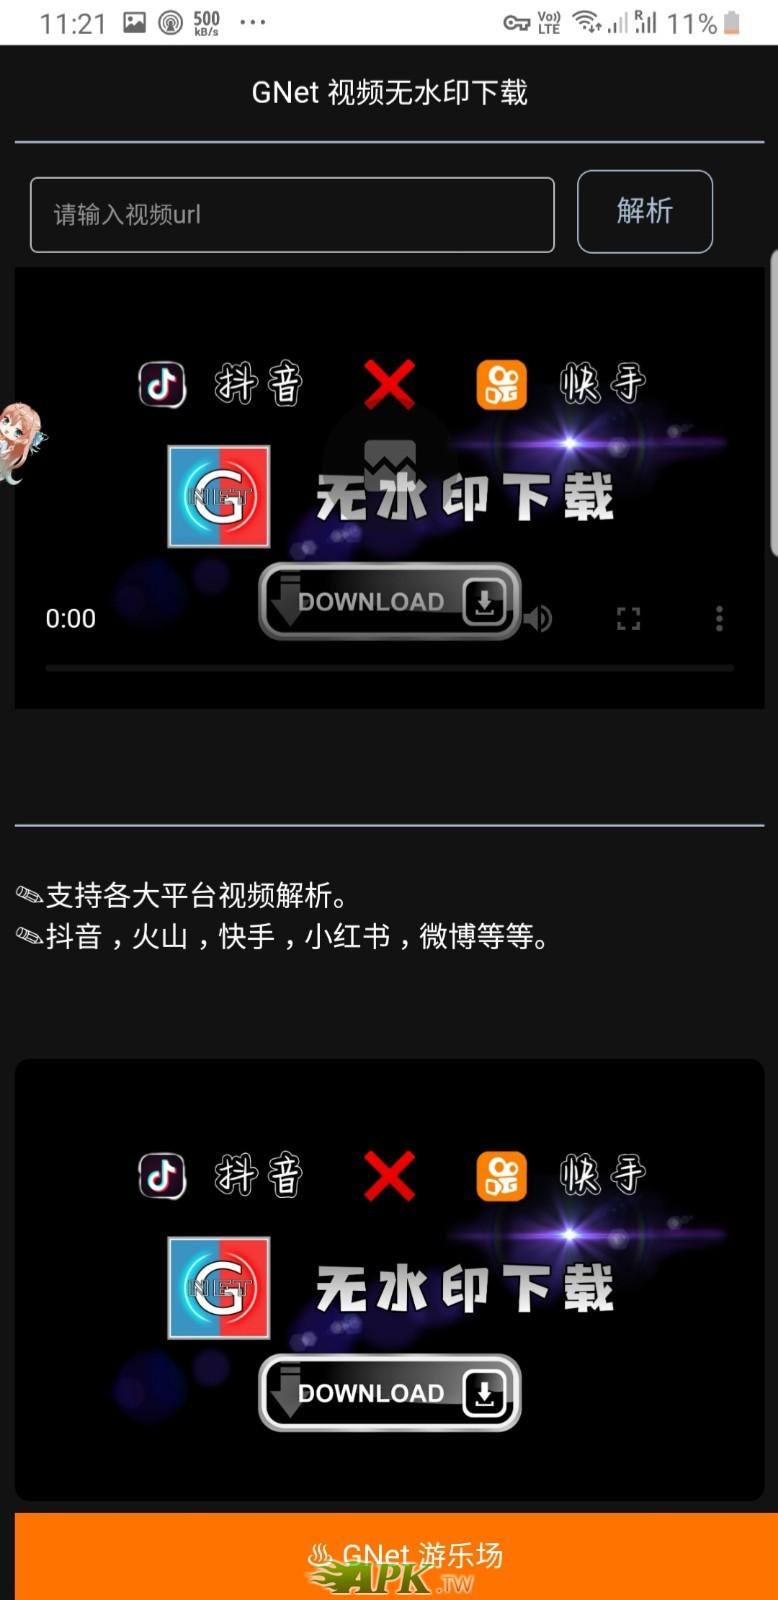 Screenshot_20211013-232123.jpg